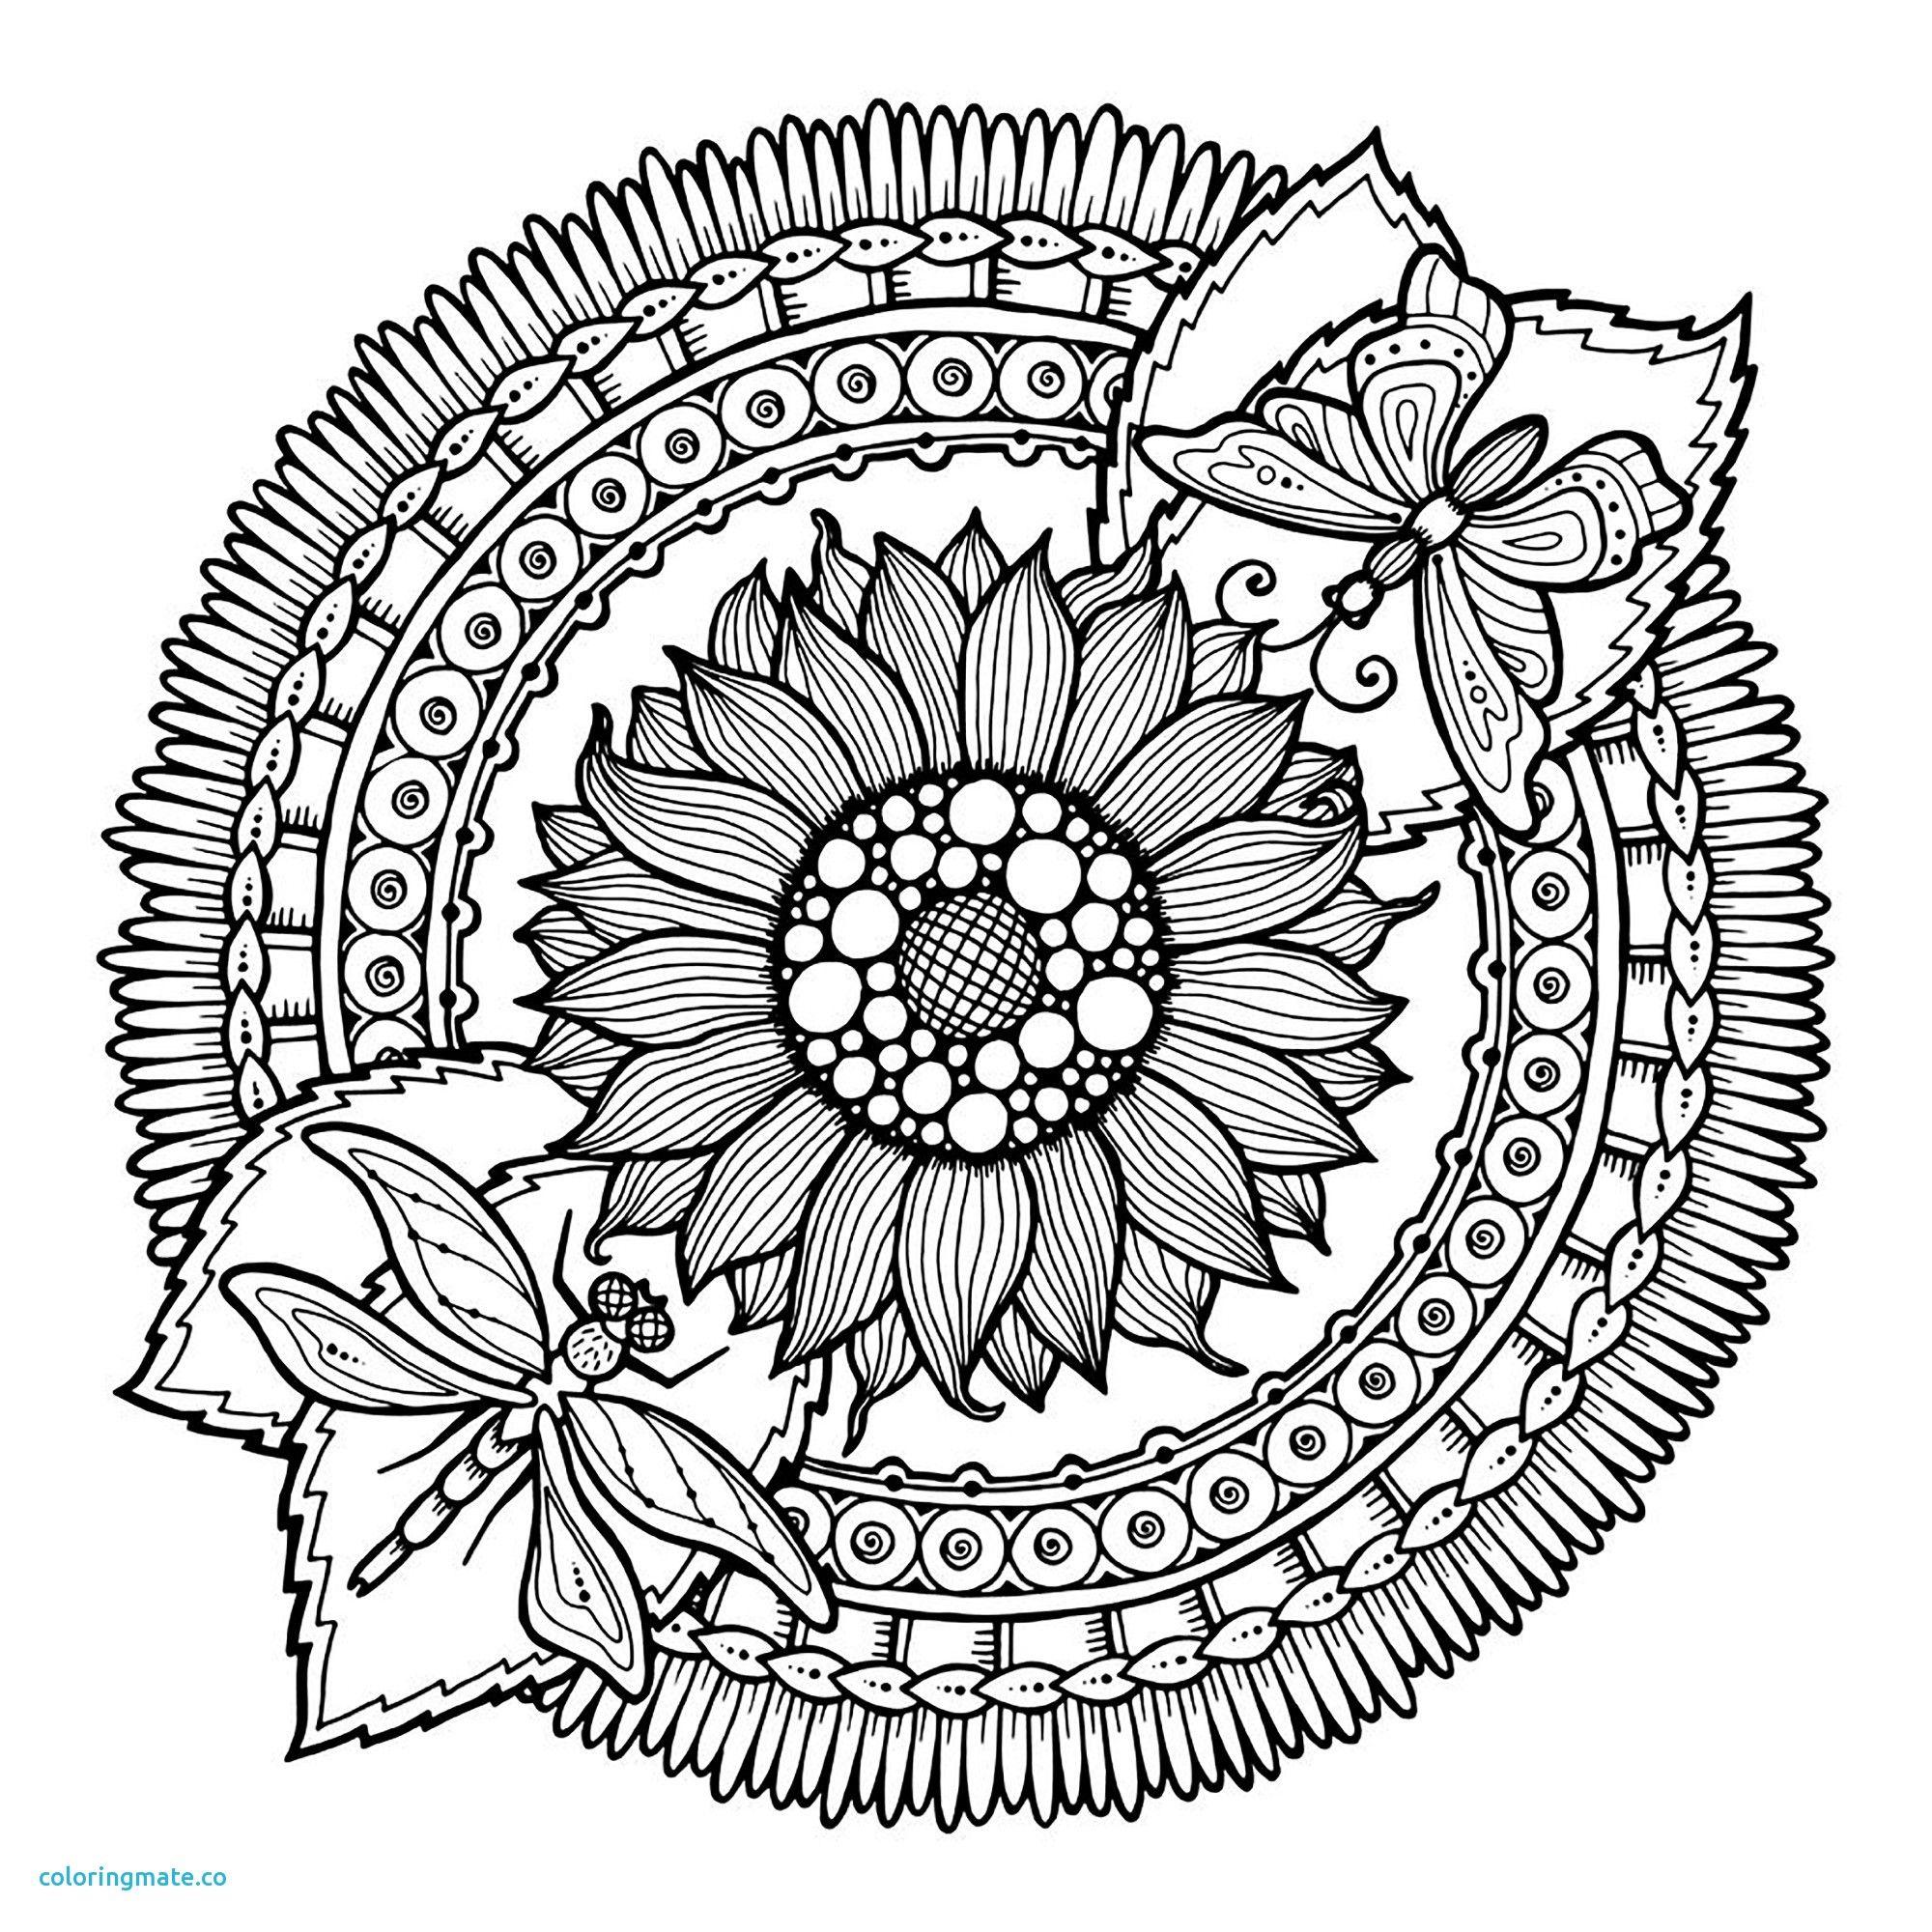 Facile Mandala Fleurs Et Papillon Coloriage Mandalas Of Coloriage